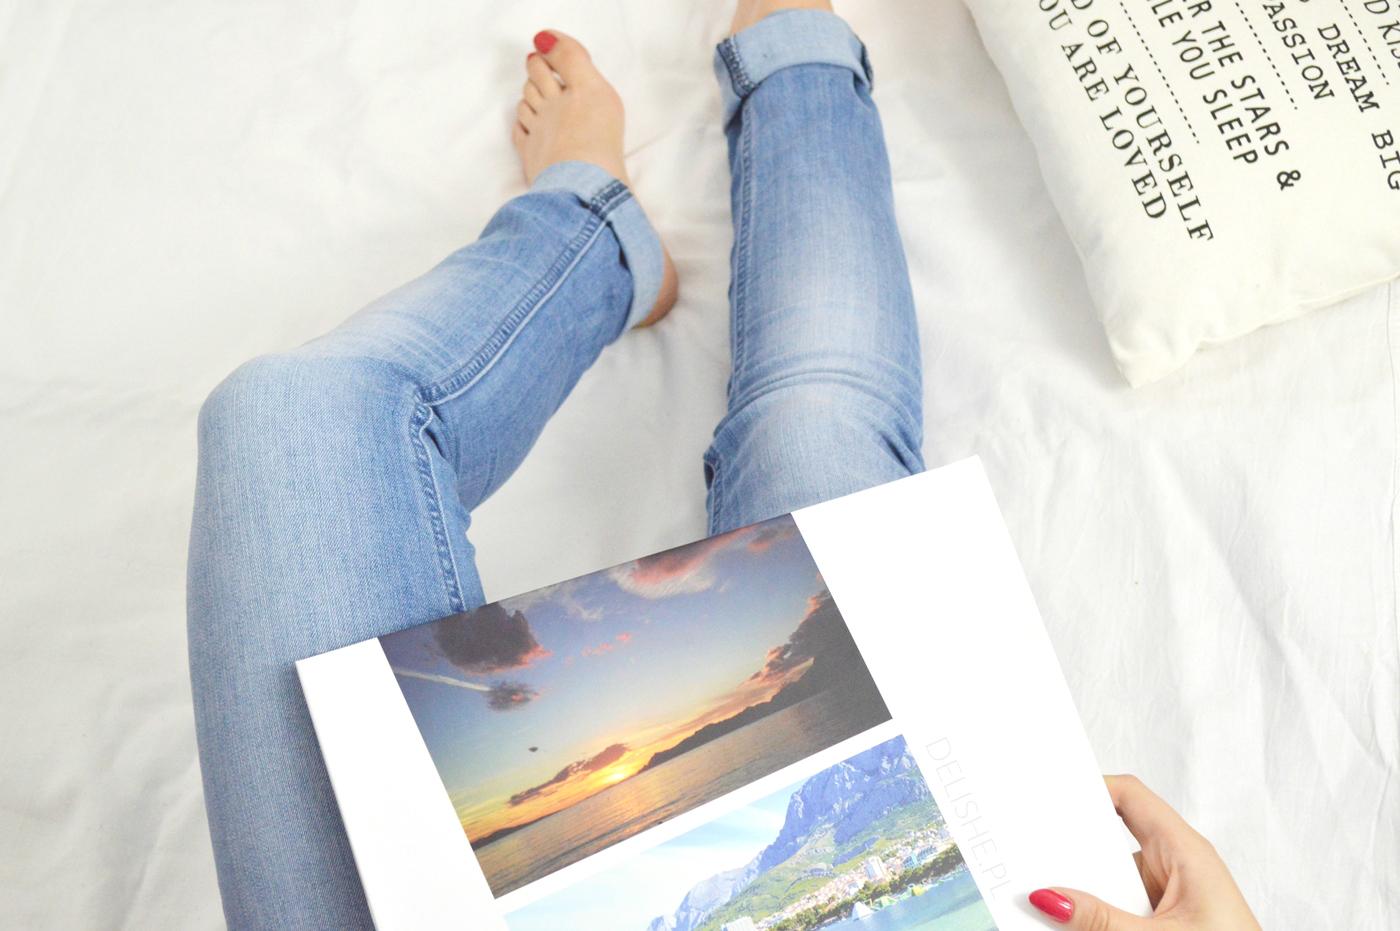 co warto przywieźć z wakacji?